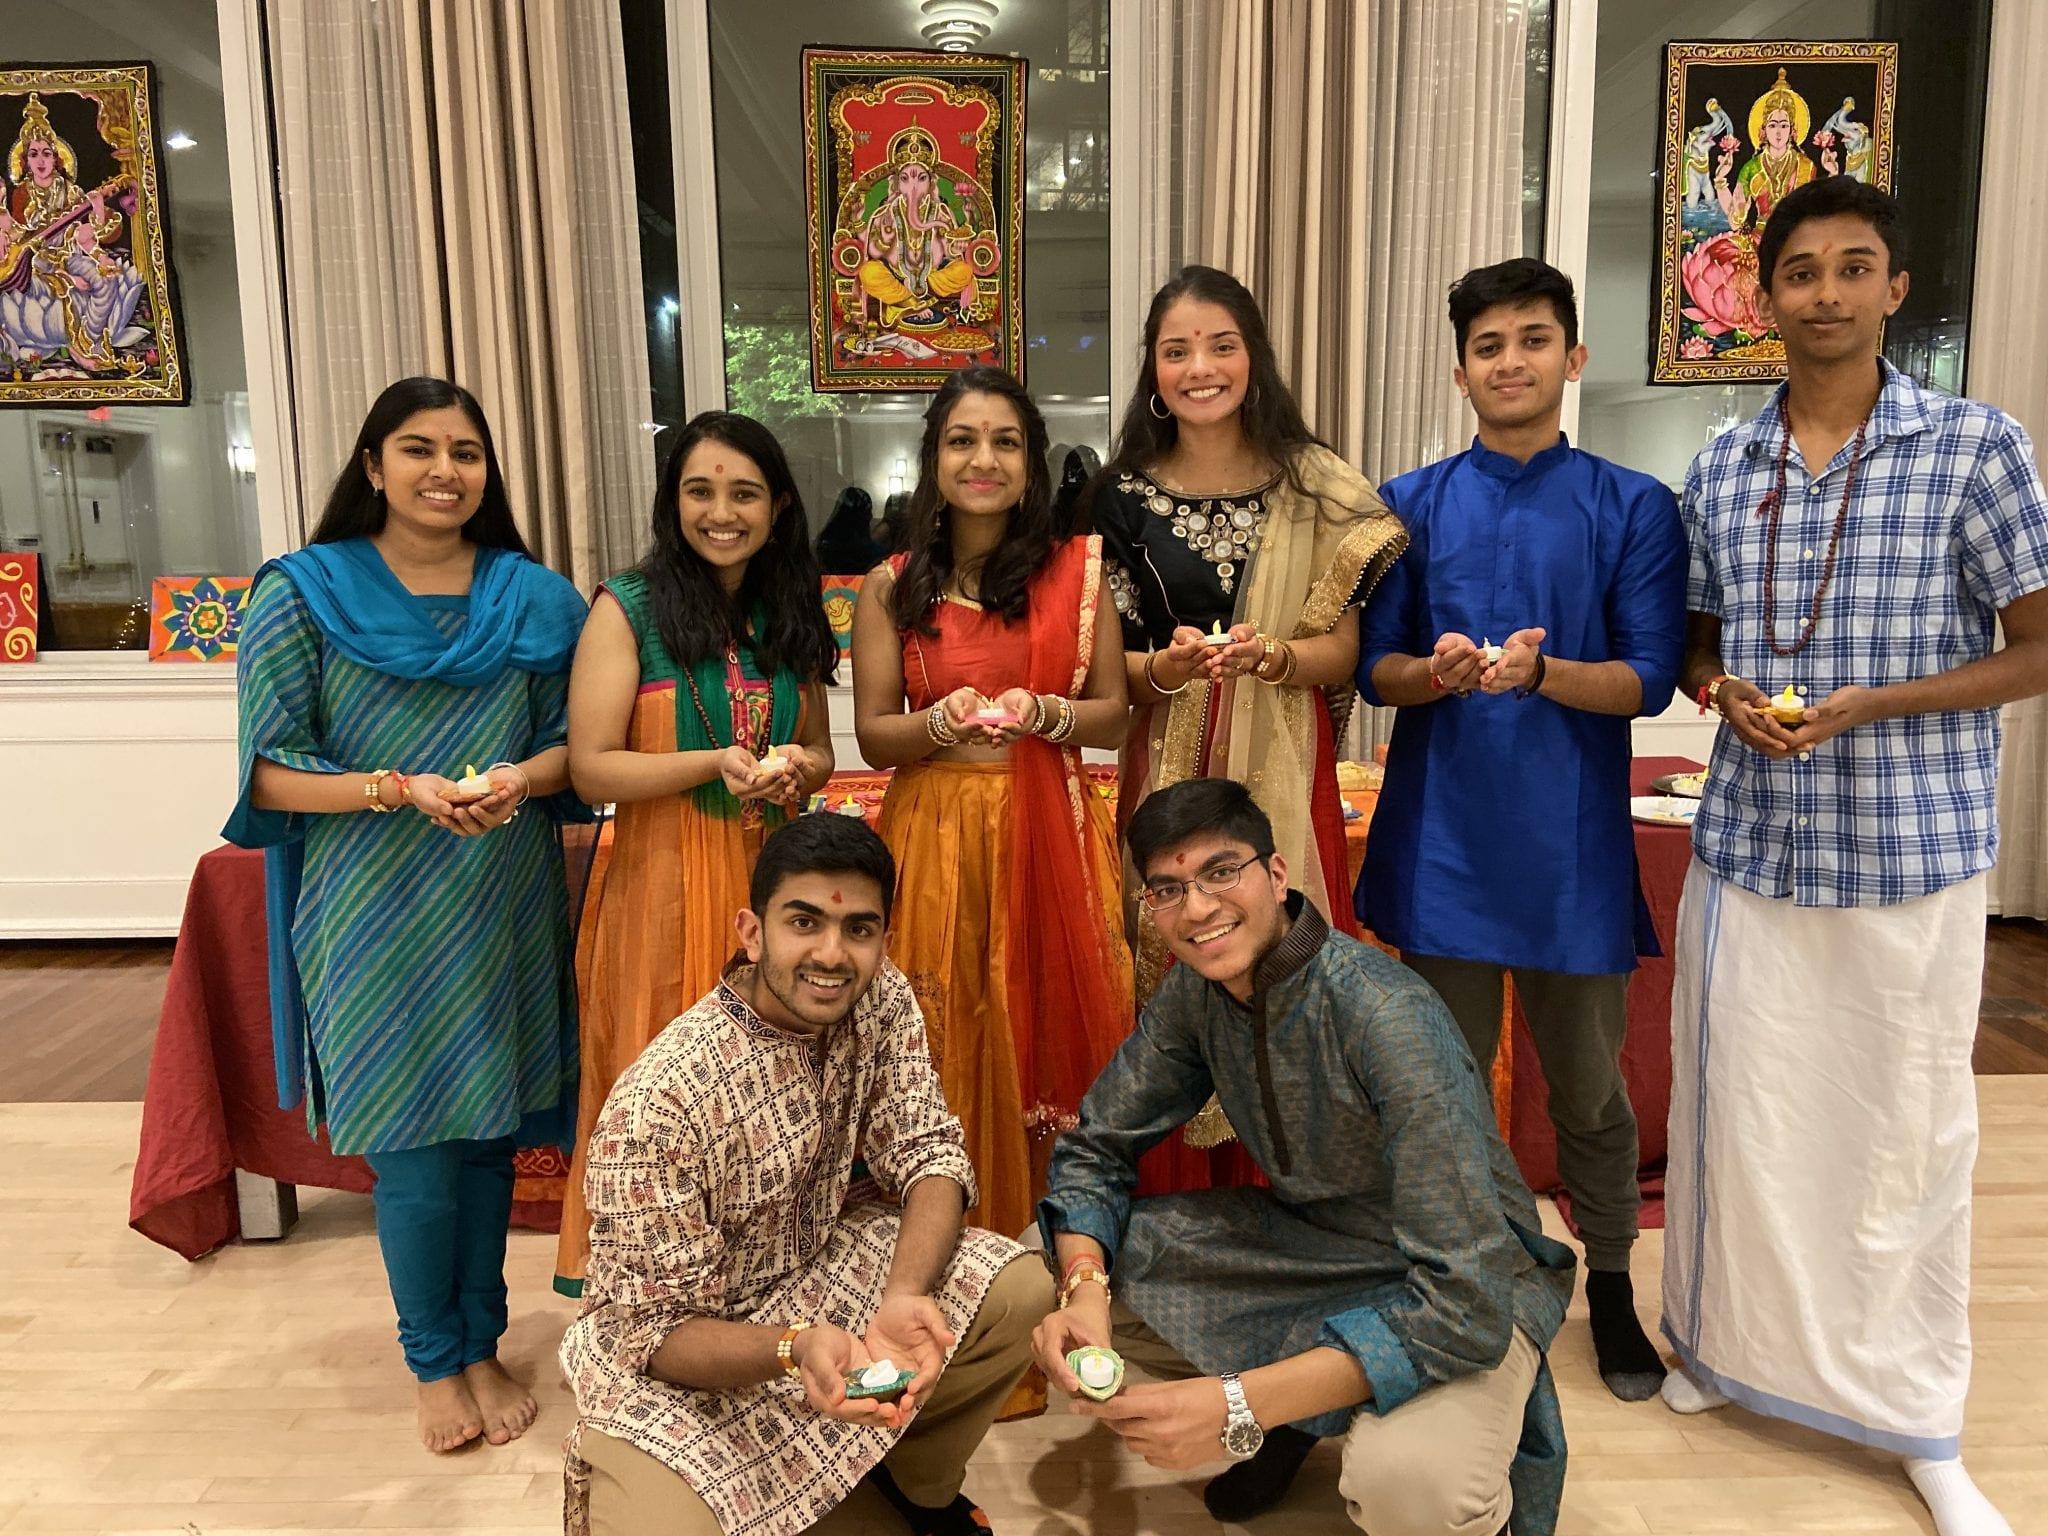 Hindu students smiling at the camera